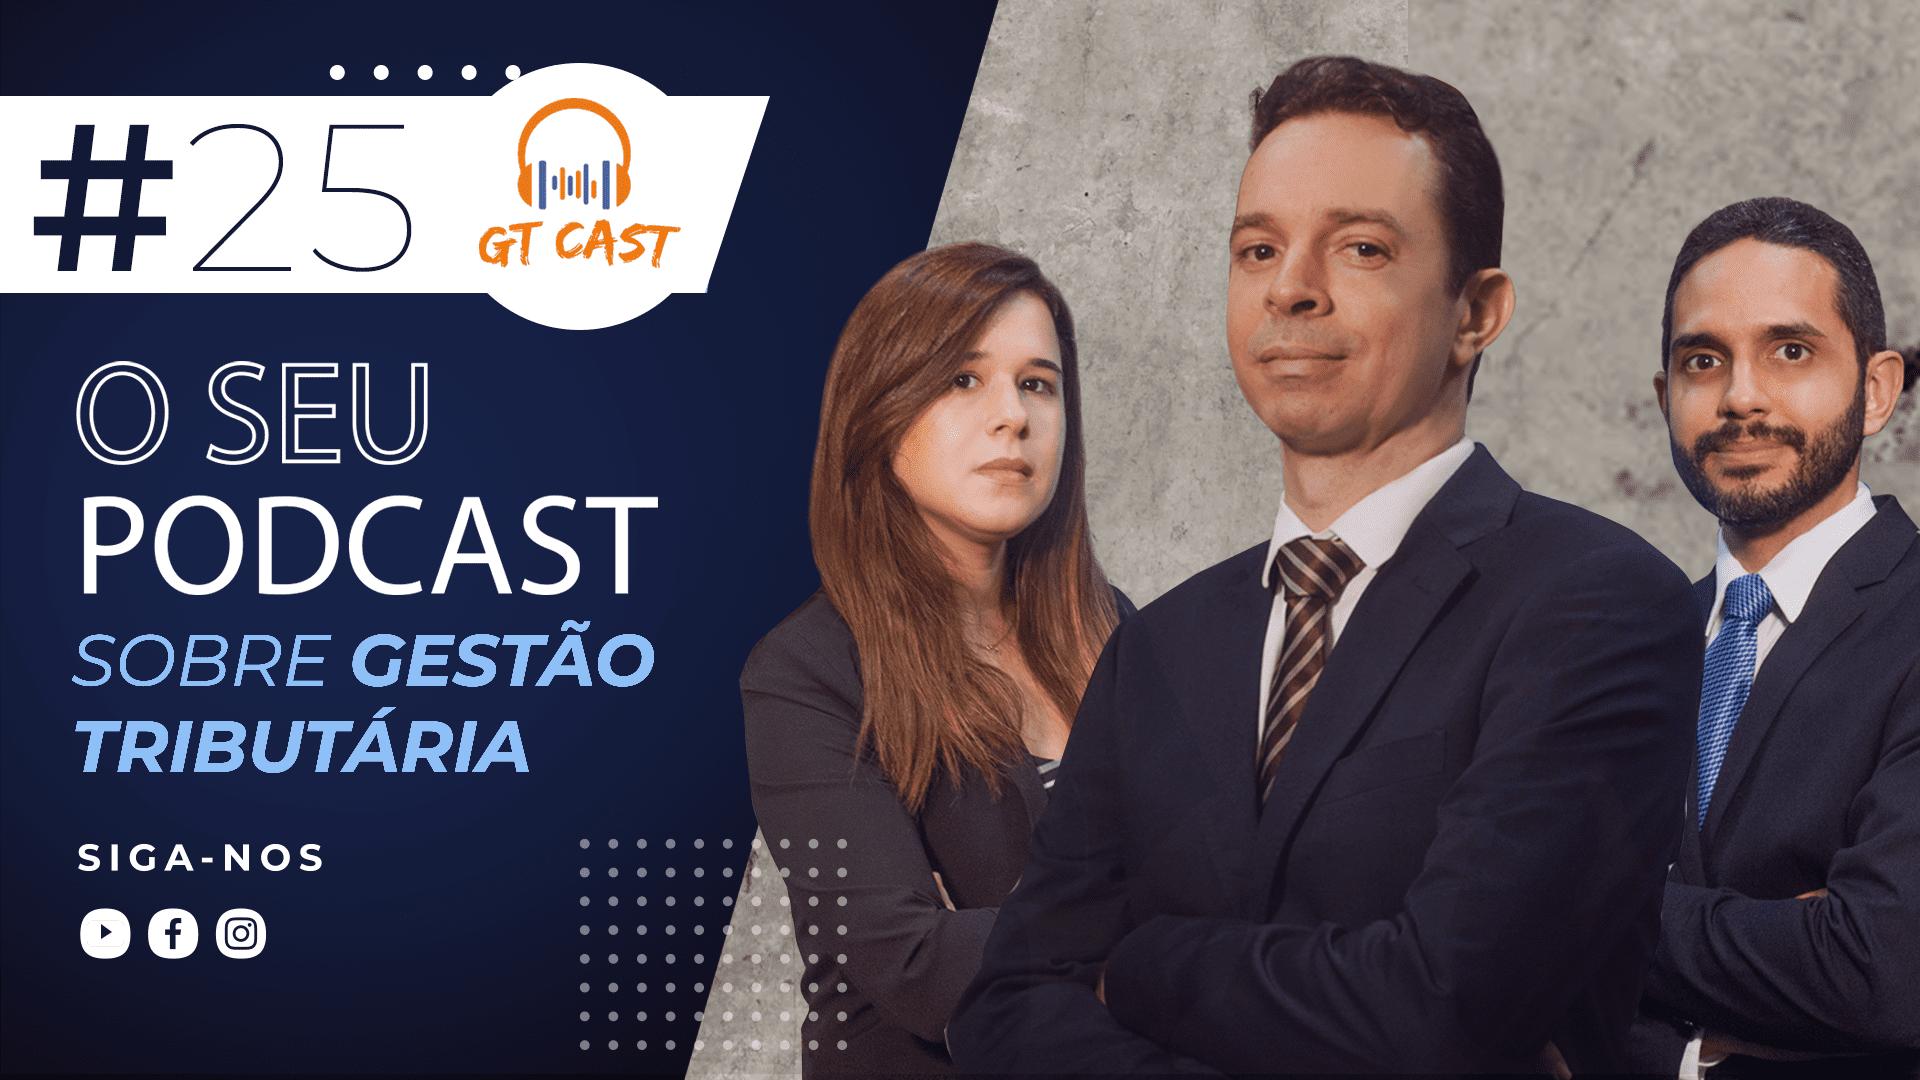 gt-cast-25-janeiro-2021-o-seu-podcast-sobre-gestao-tributaria